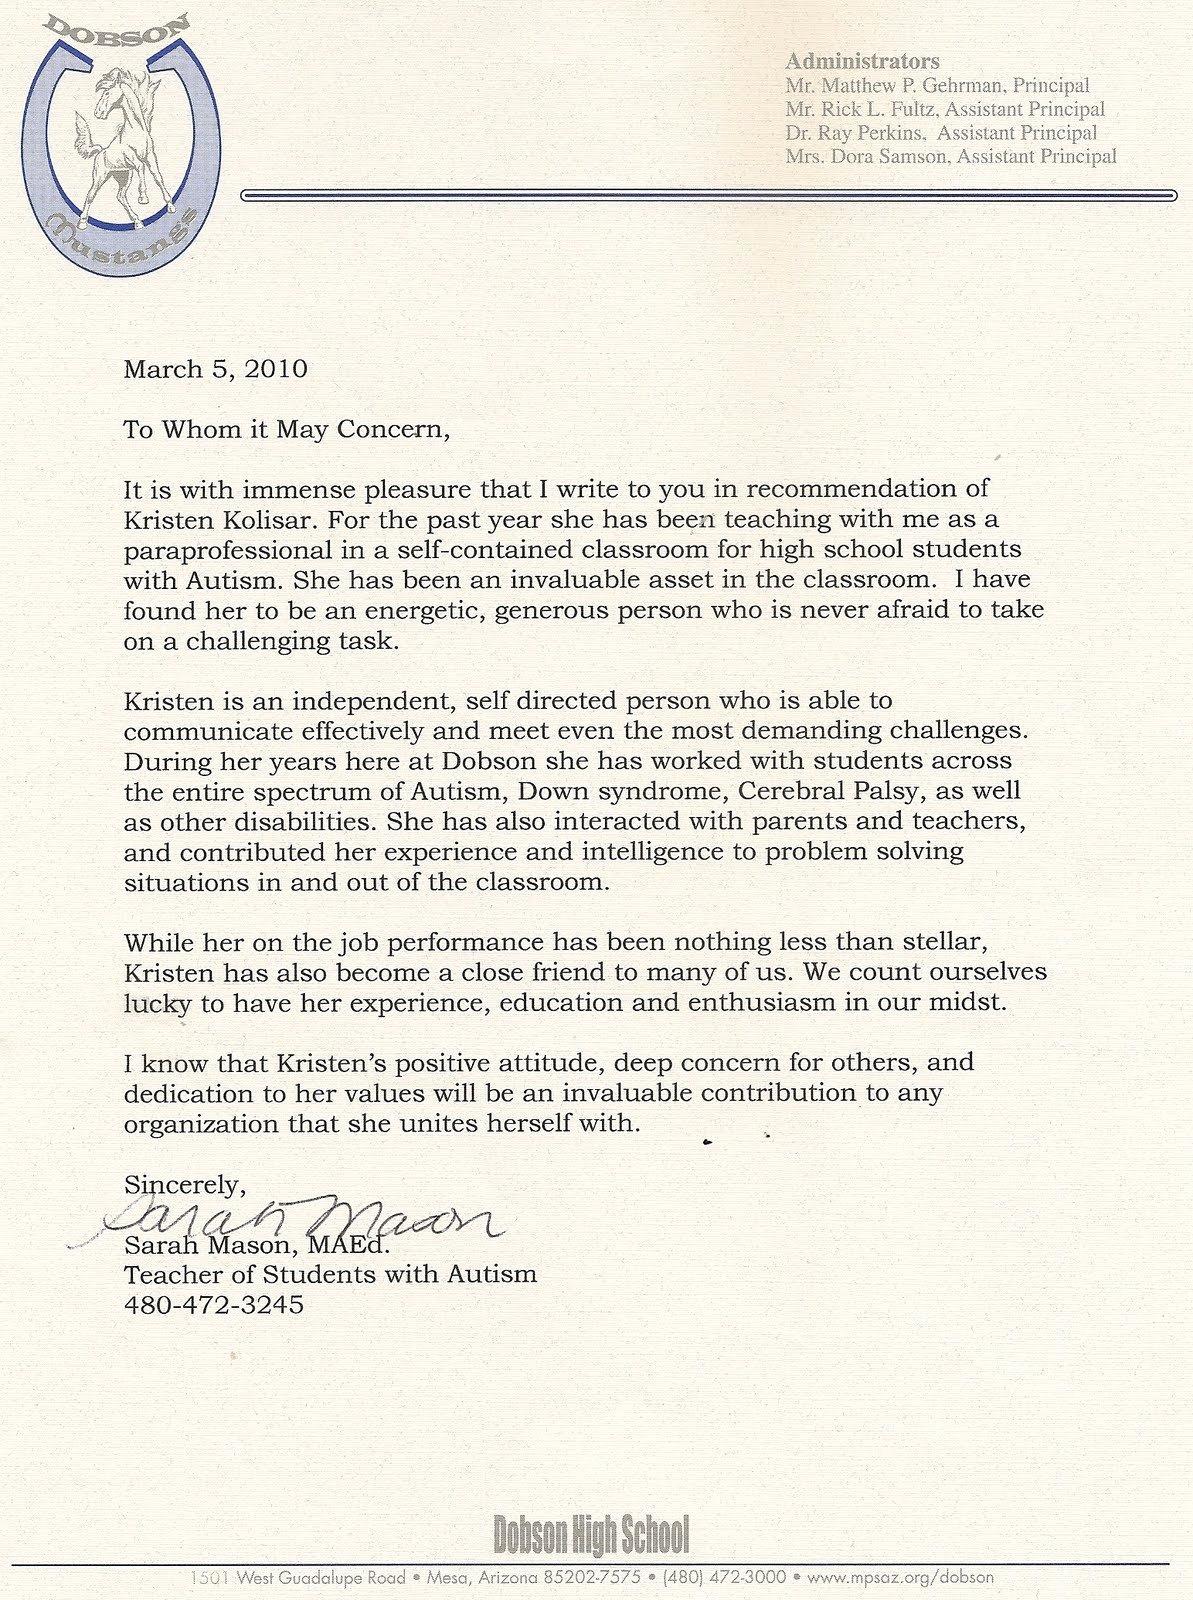 Intern Letter Of Recommendation Best Of Bis401 Internship